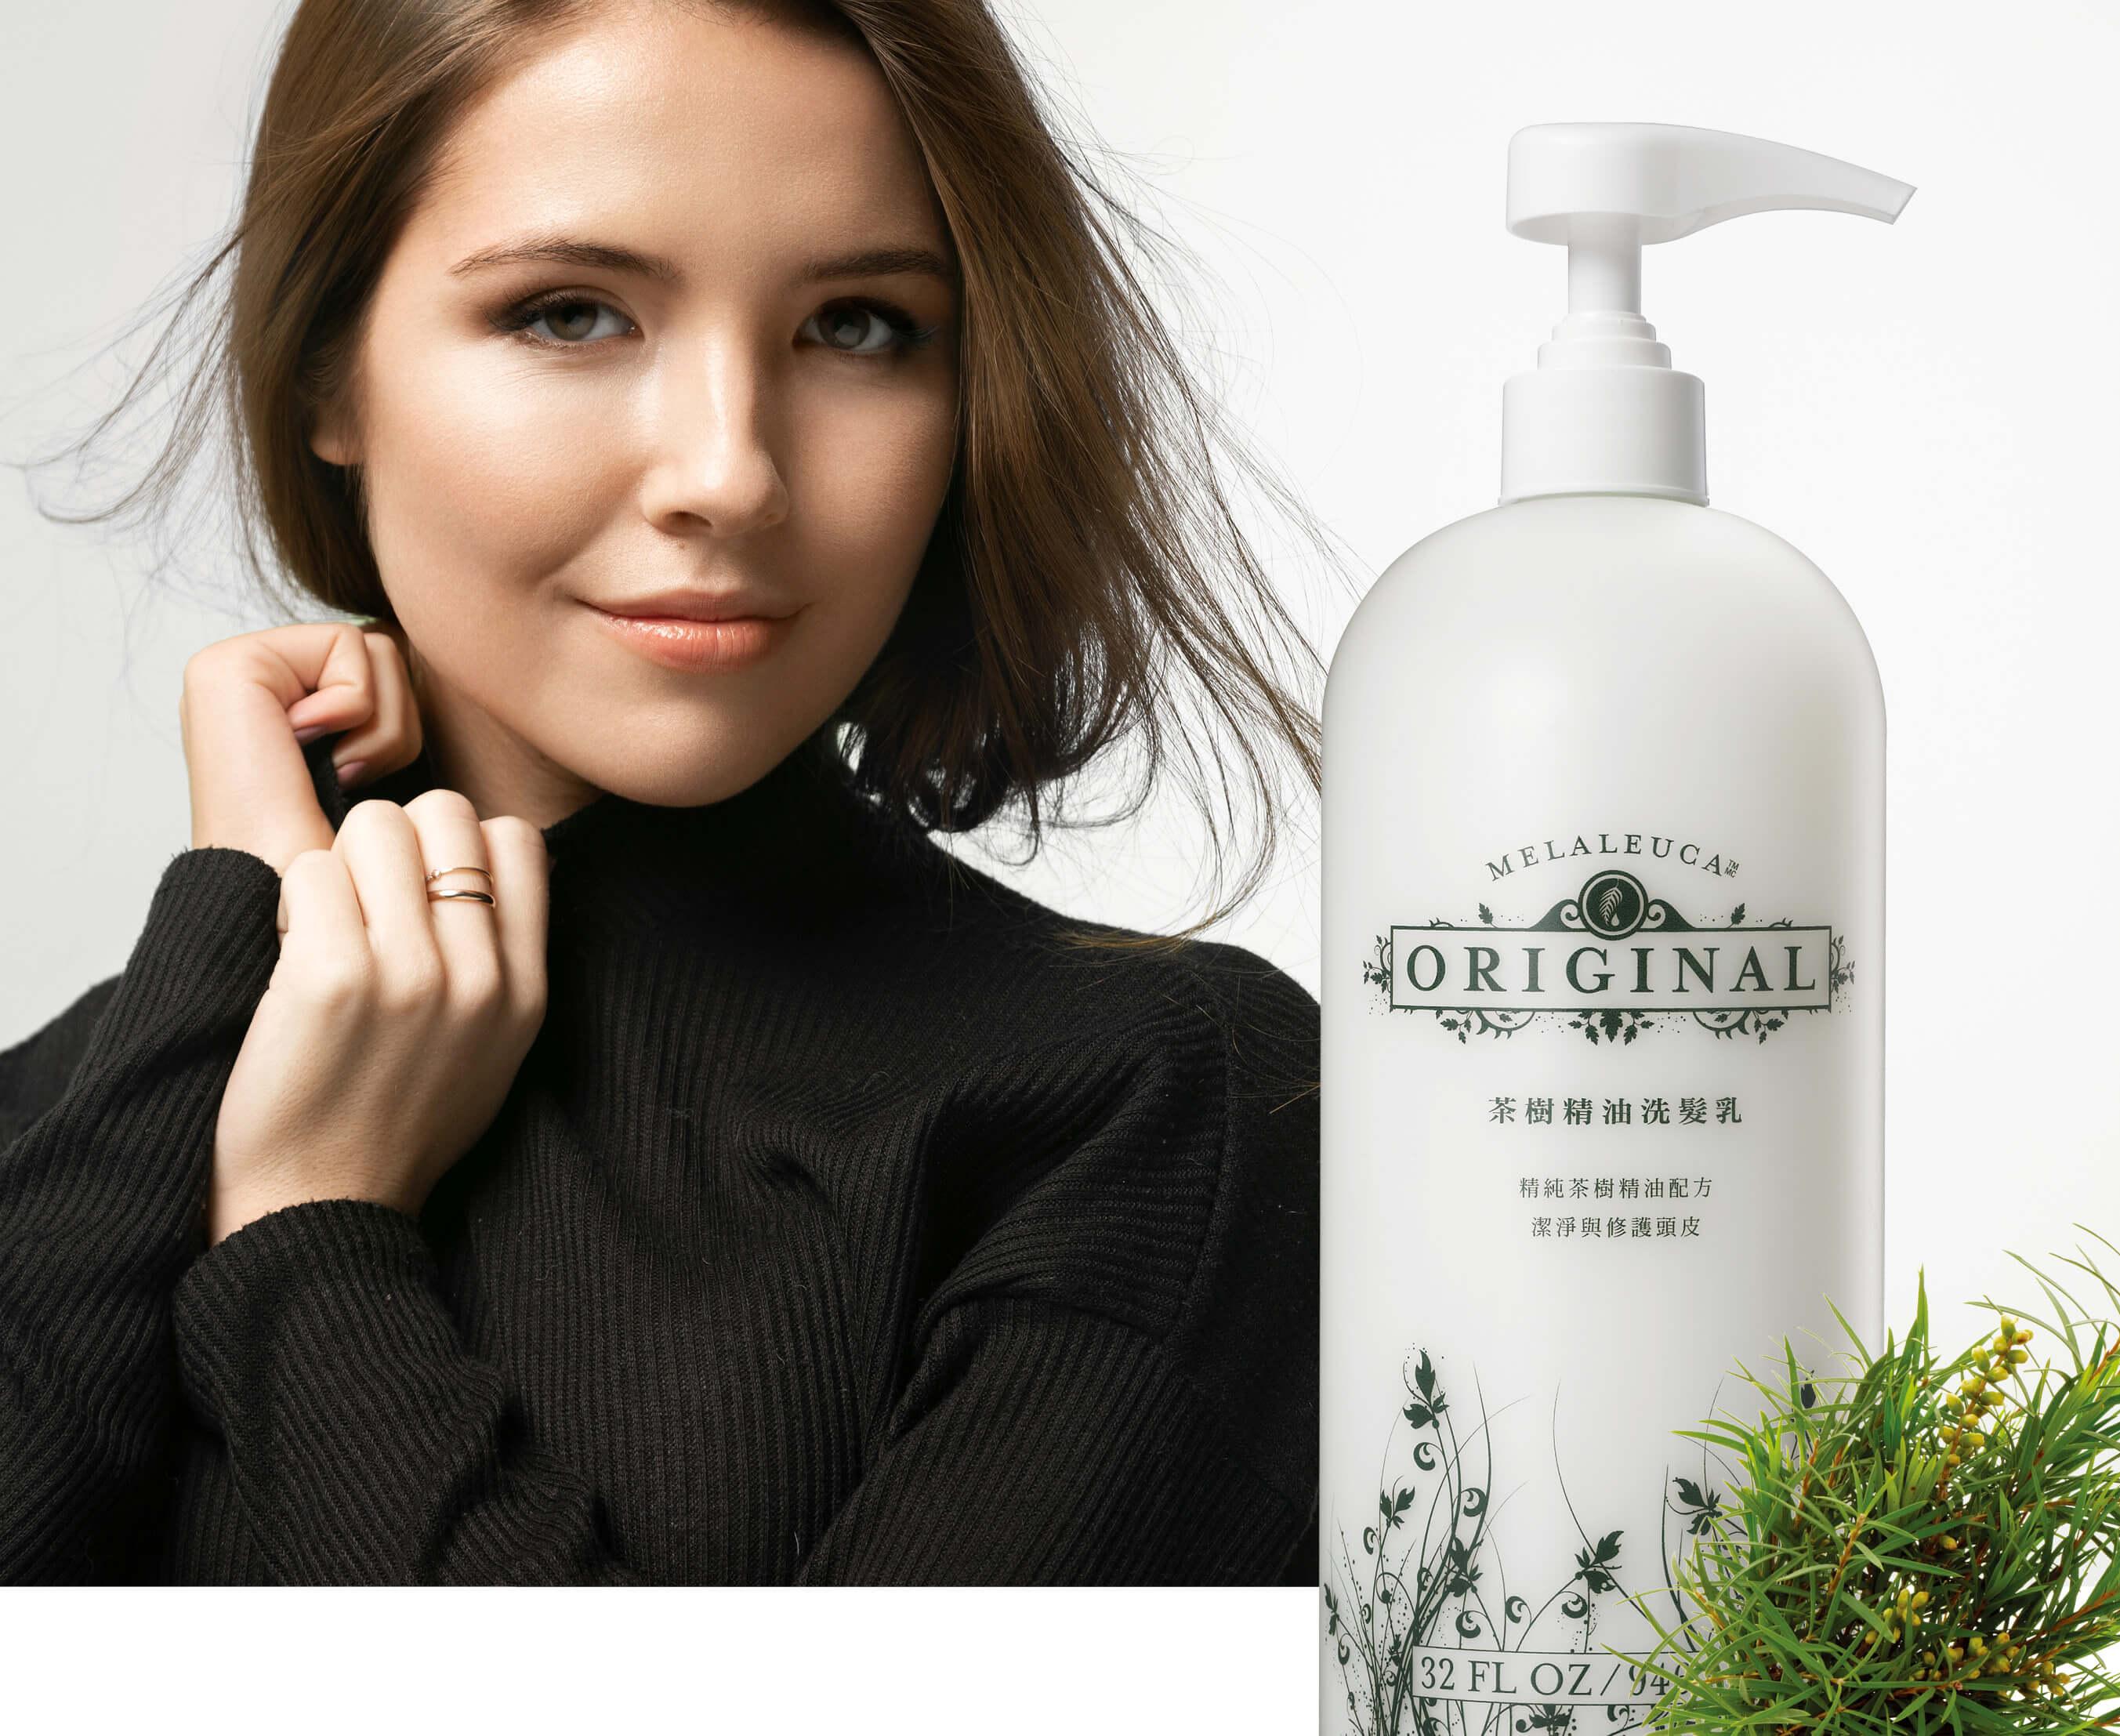 美樂家茶樹精油洗髮乳:淨化修護頭皮,重返健康柔亮秀髮